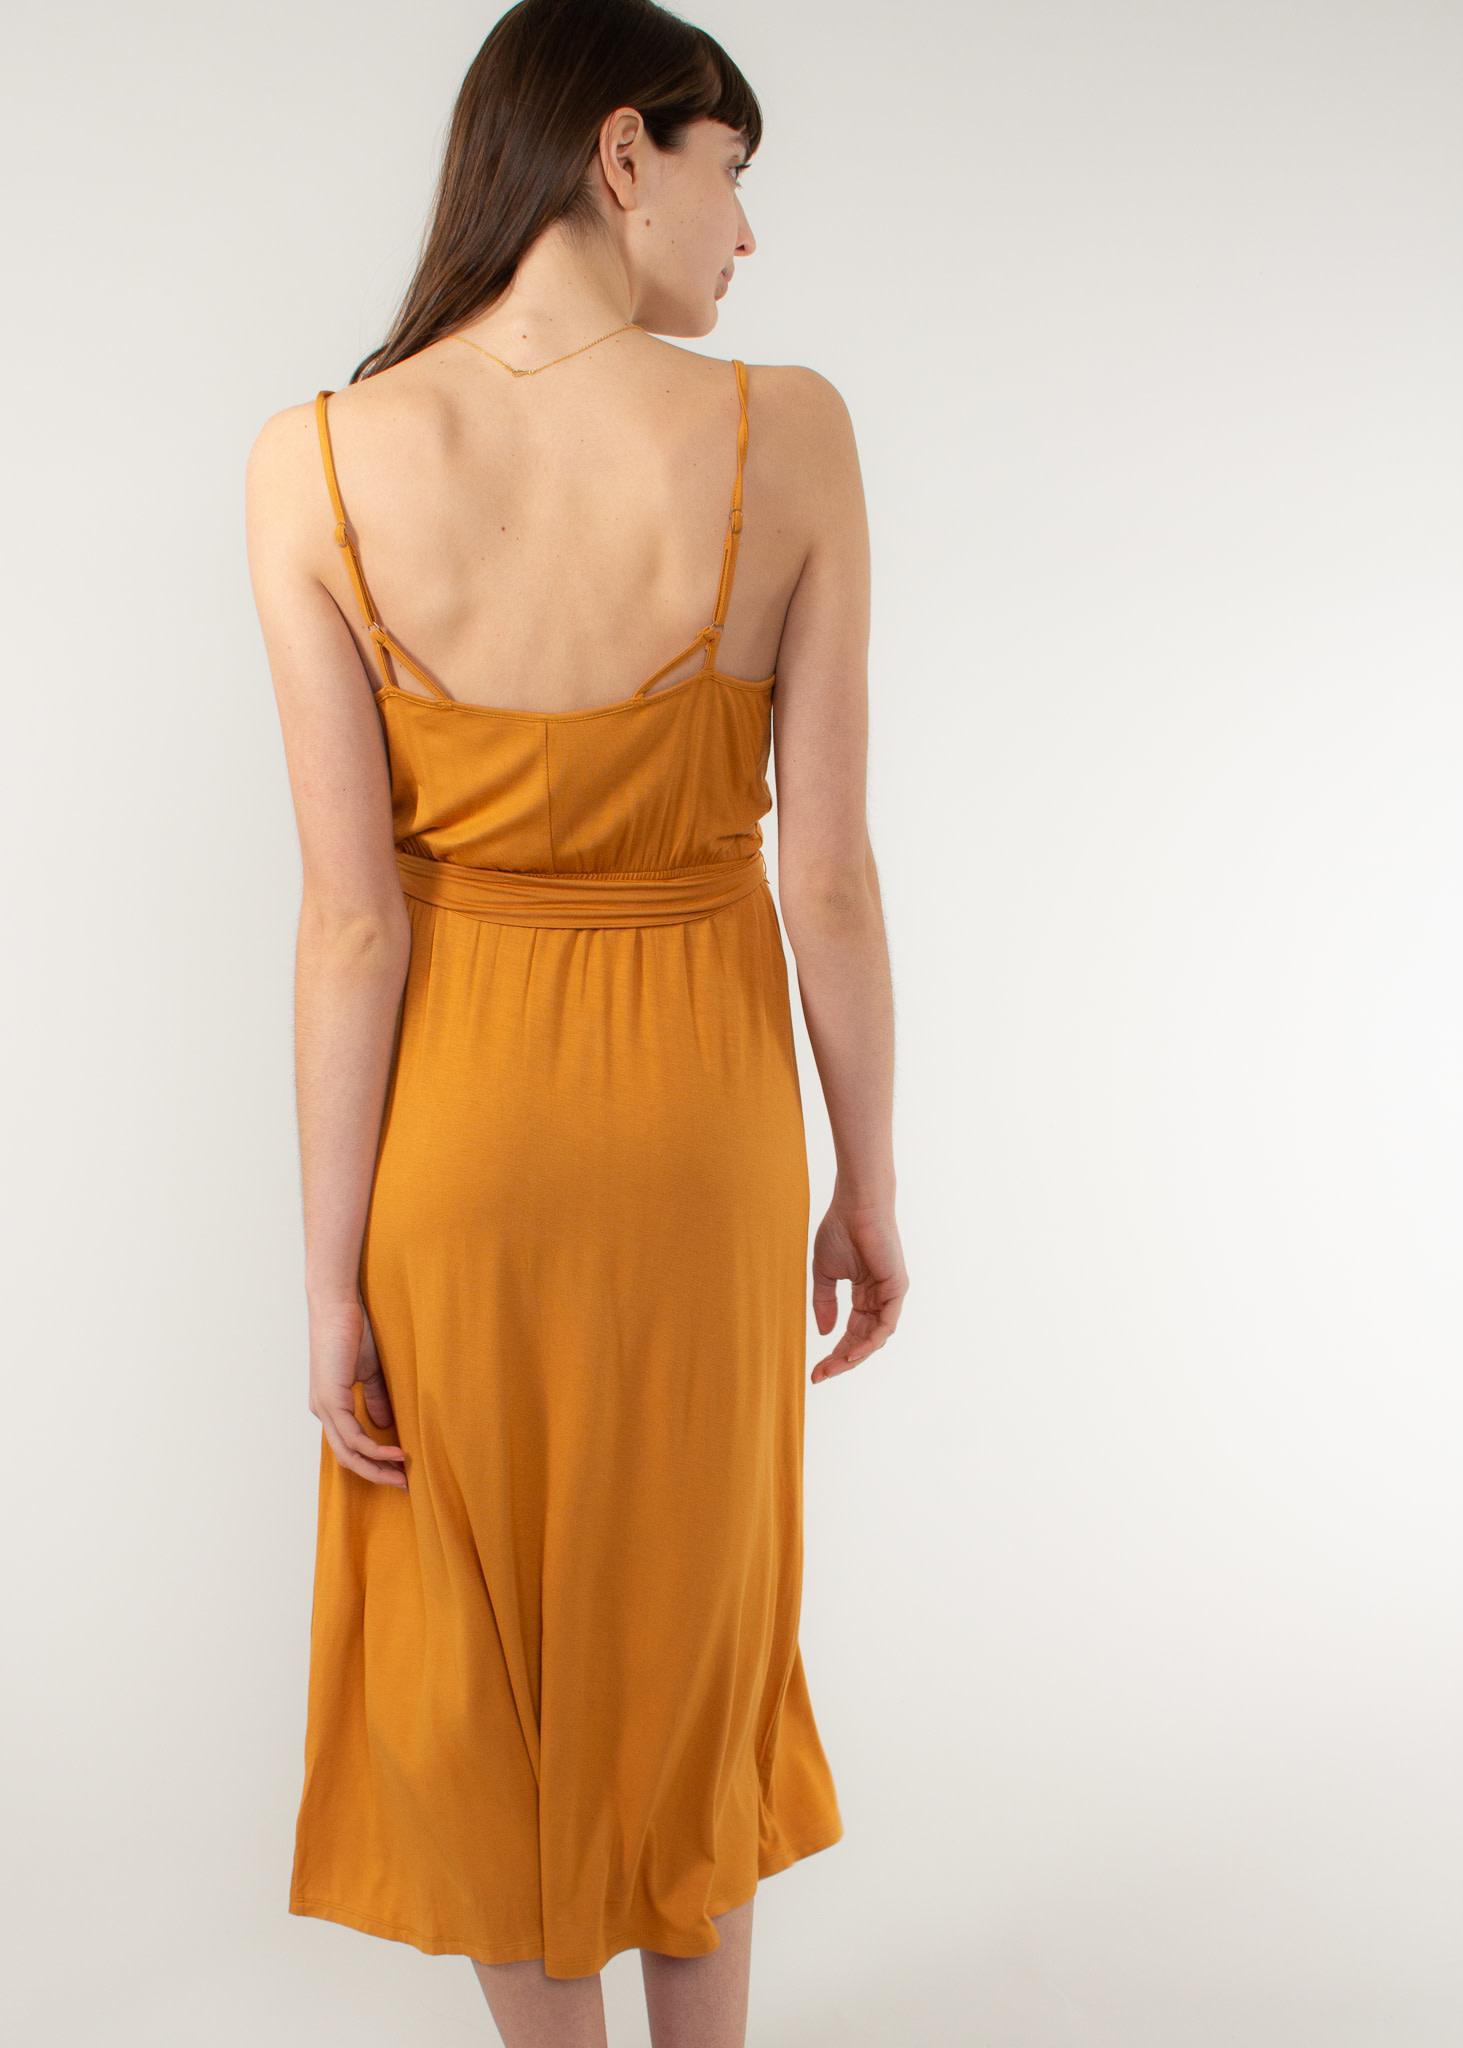 GENTLEFAWN Willa dress